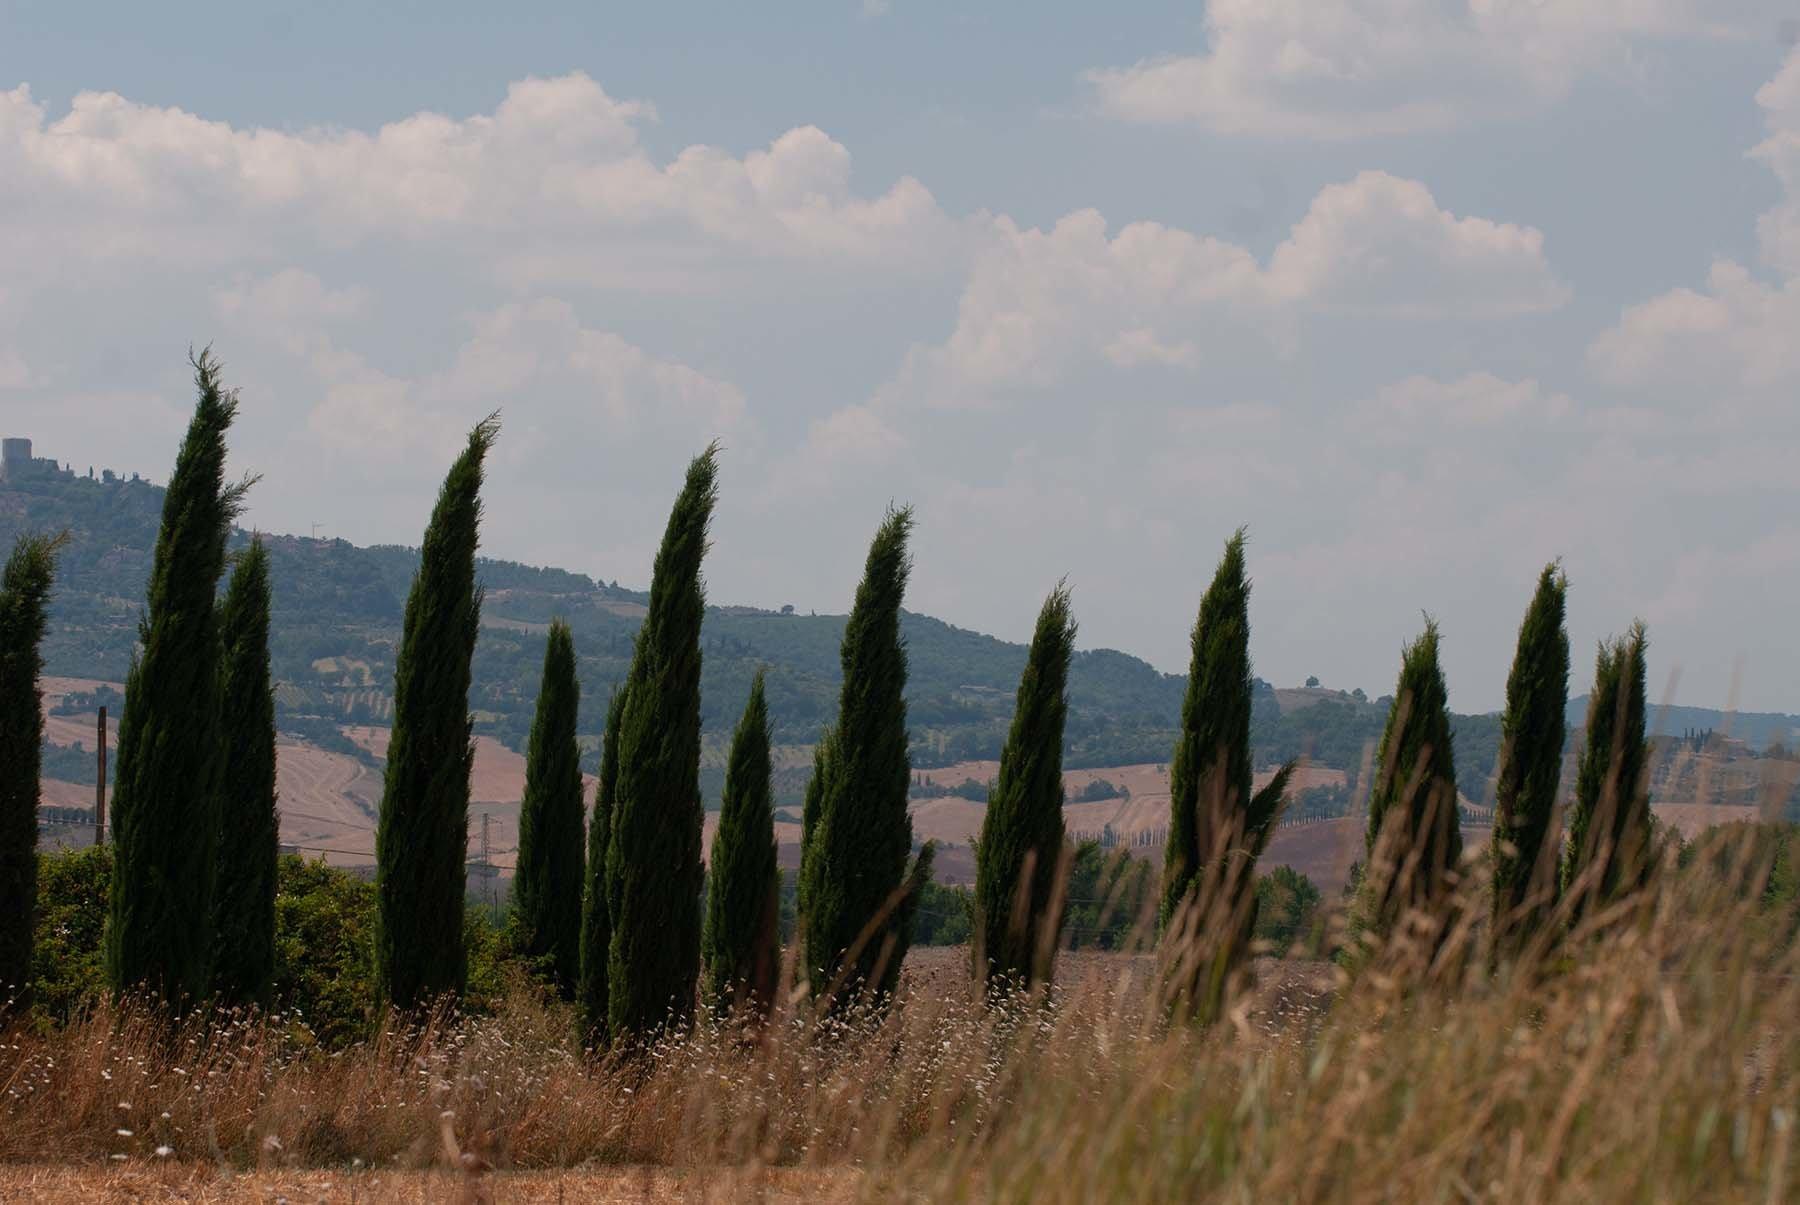 Wiejski krajobraz Toskanii z cyprysami